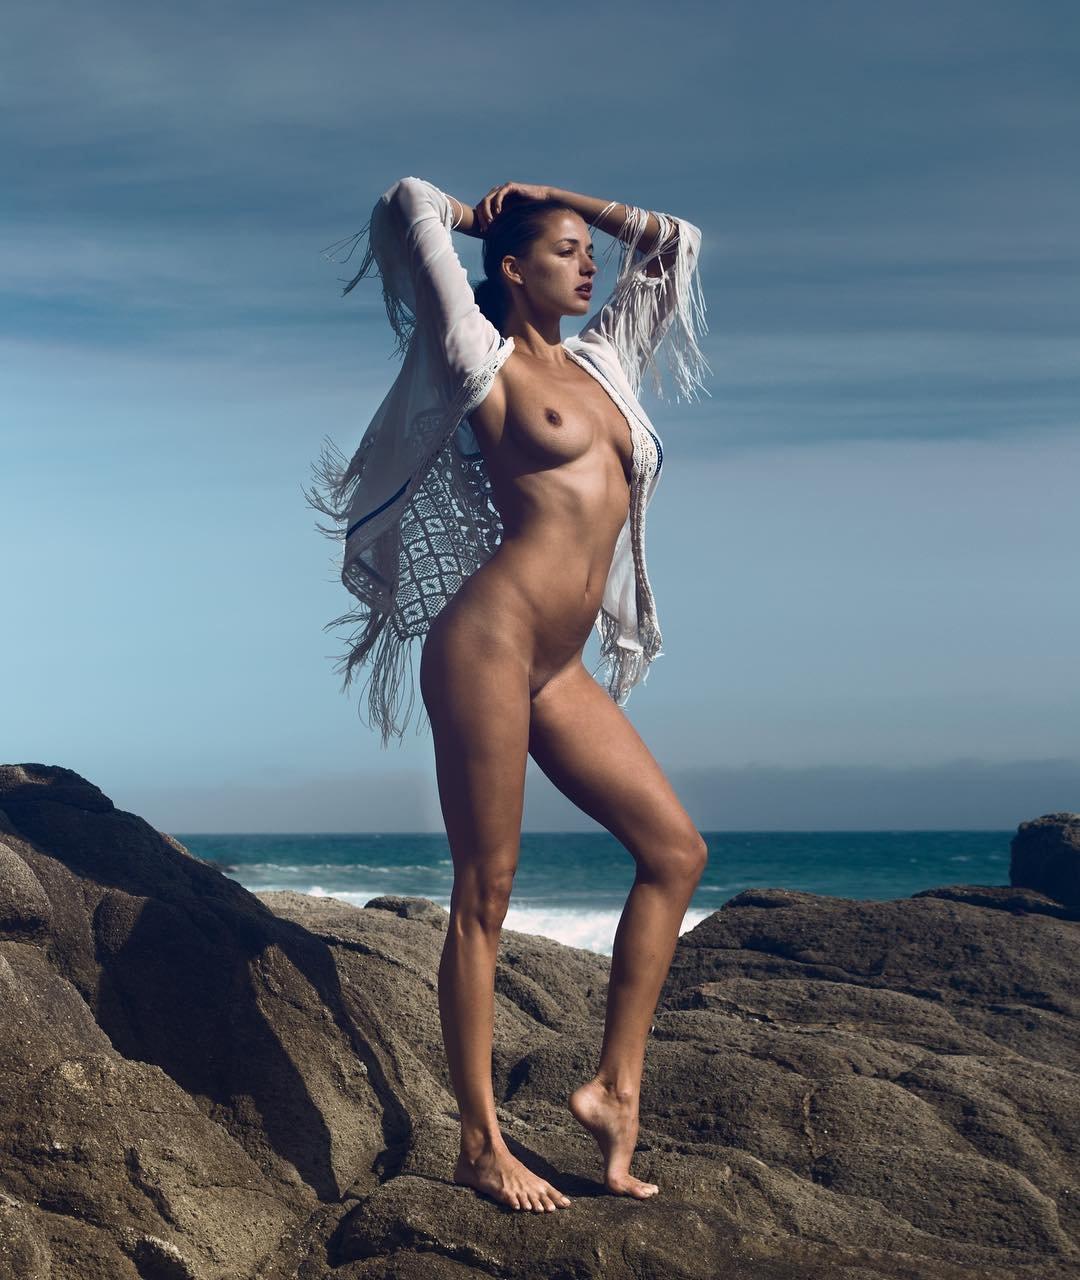 Alyssa Arce Desnuda alyssa arce topless | #thefappening